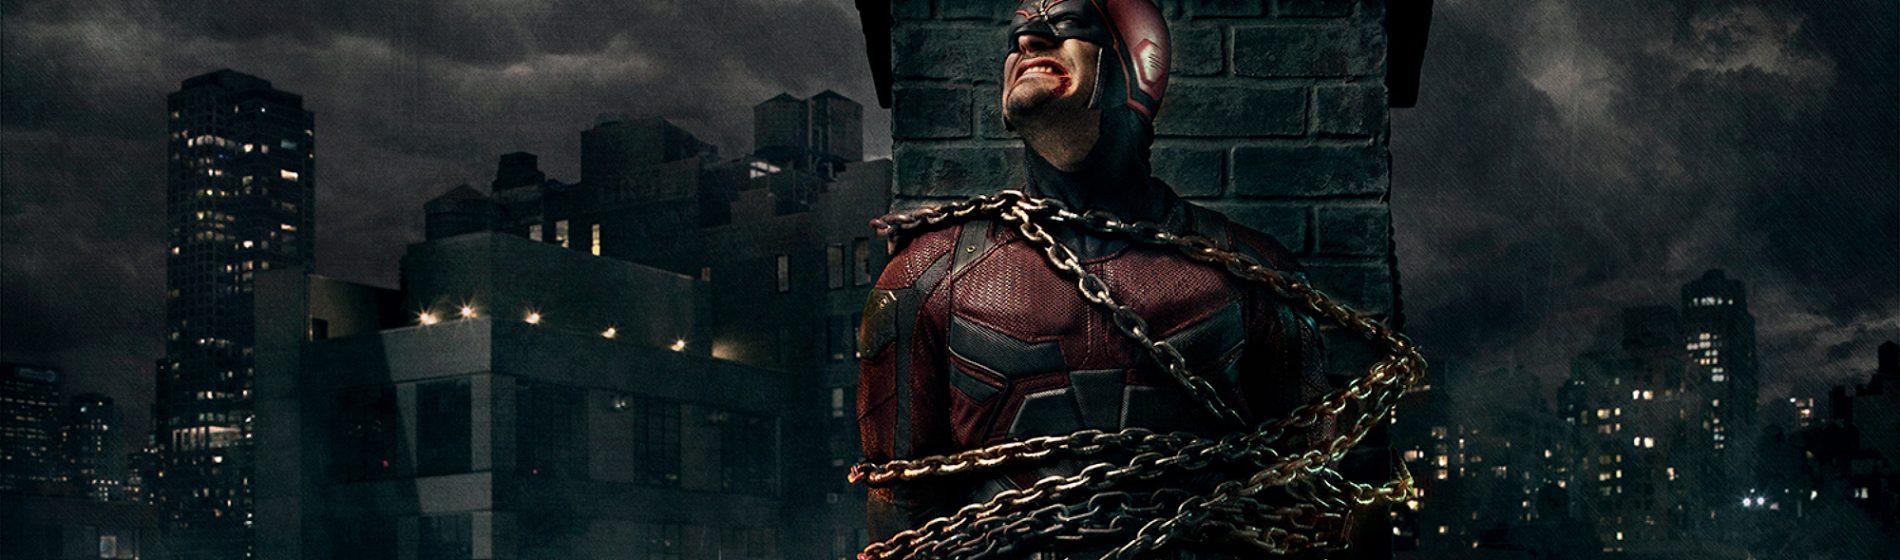 Daredevil - Charlie Cox